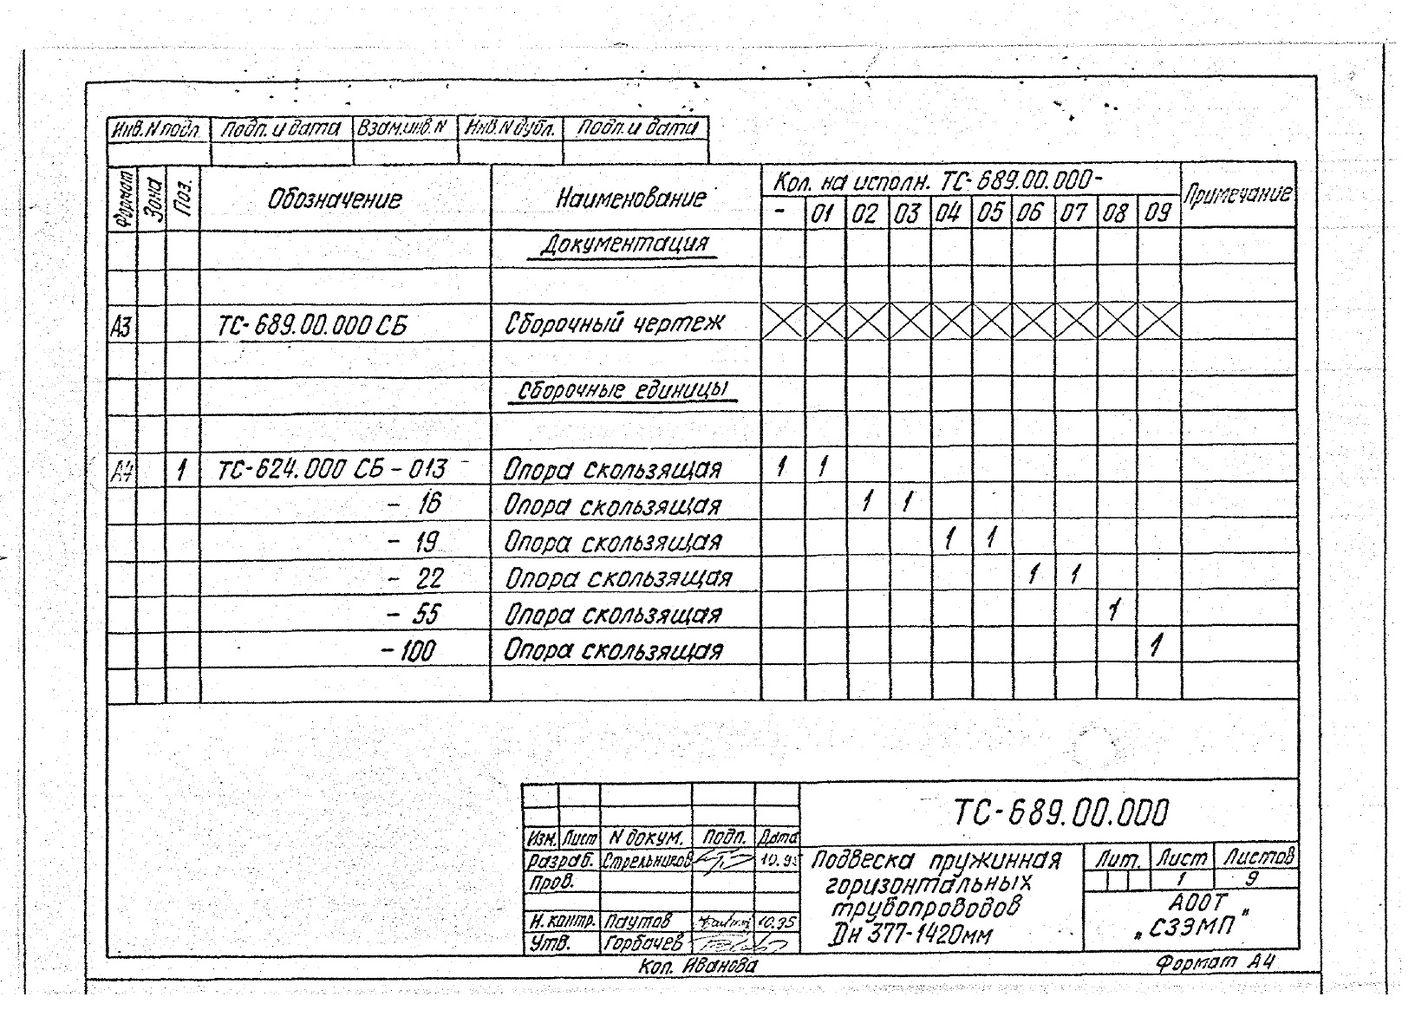 Подвески пружинные для горизонтальных трубопроводов Дн 377-1420 мм ТС-689.00.000 СБ серия 5.903-13 выпуск 6-95 стр.5